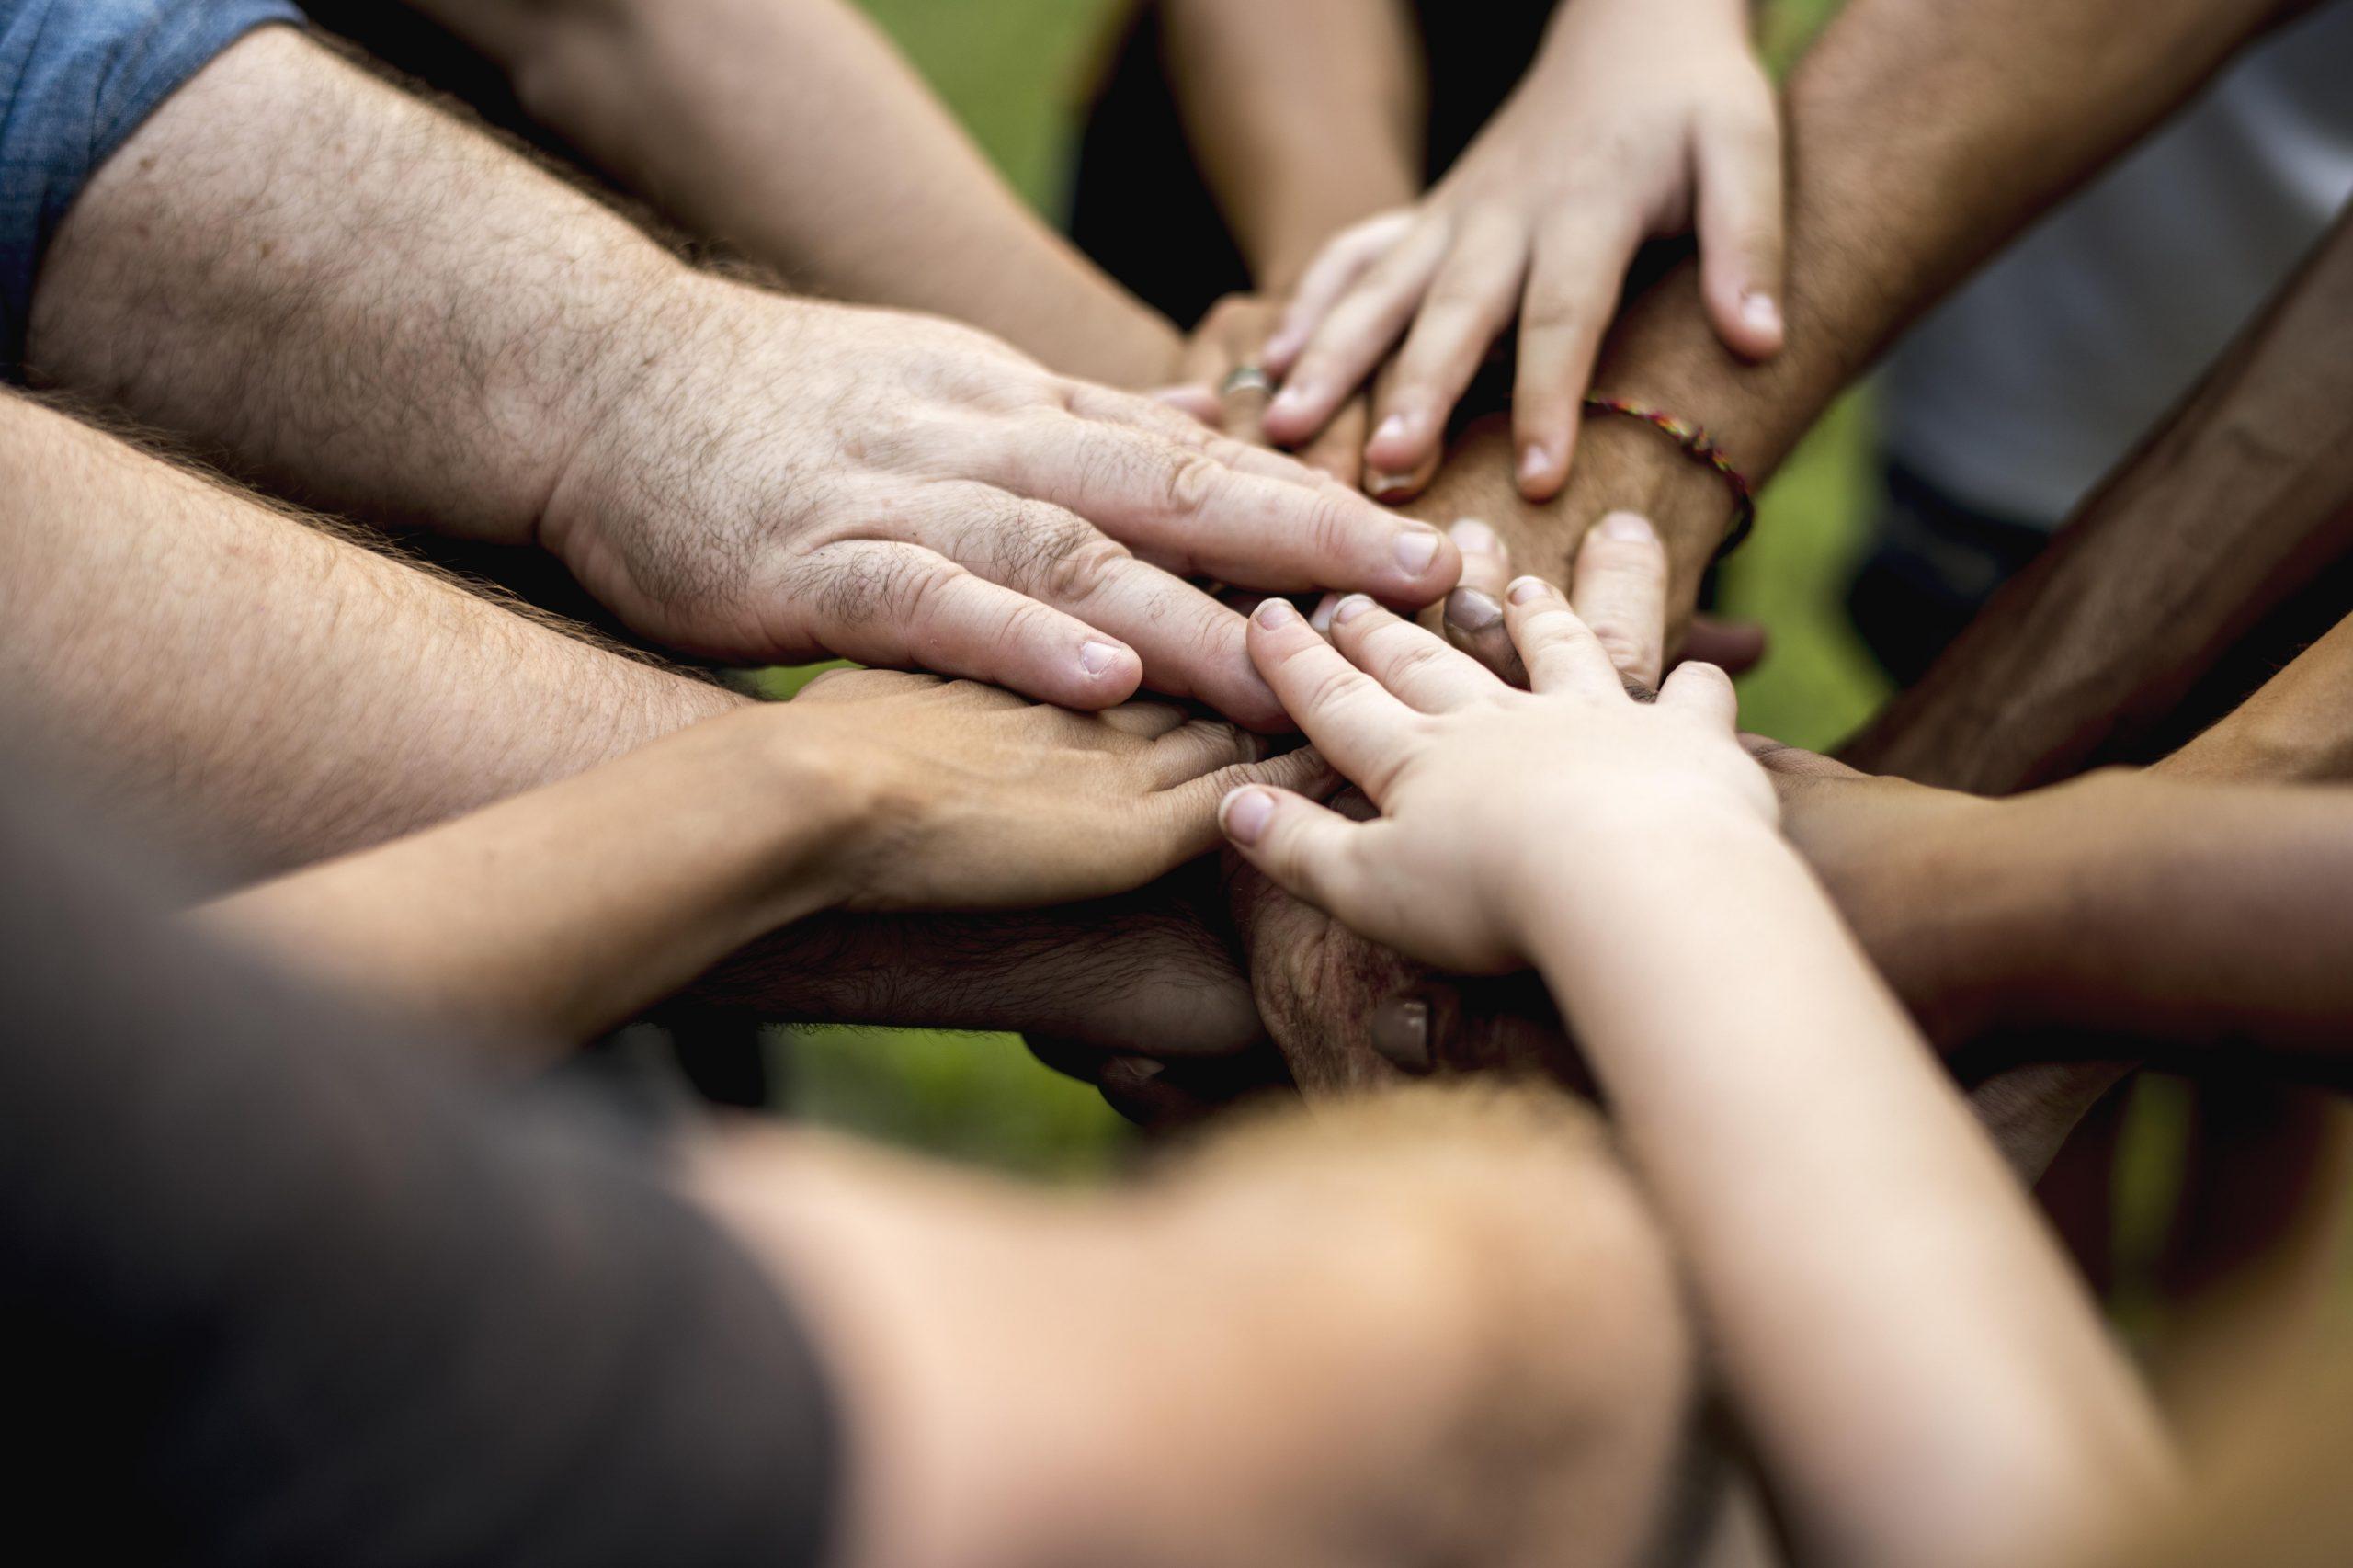 Diversidade & Inclusão é estratégia global para retenção de talentos